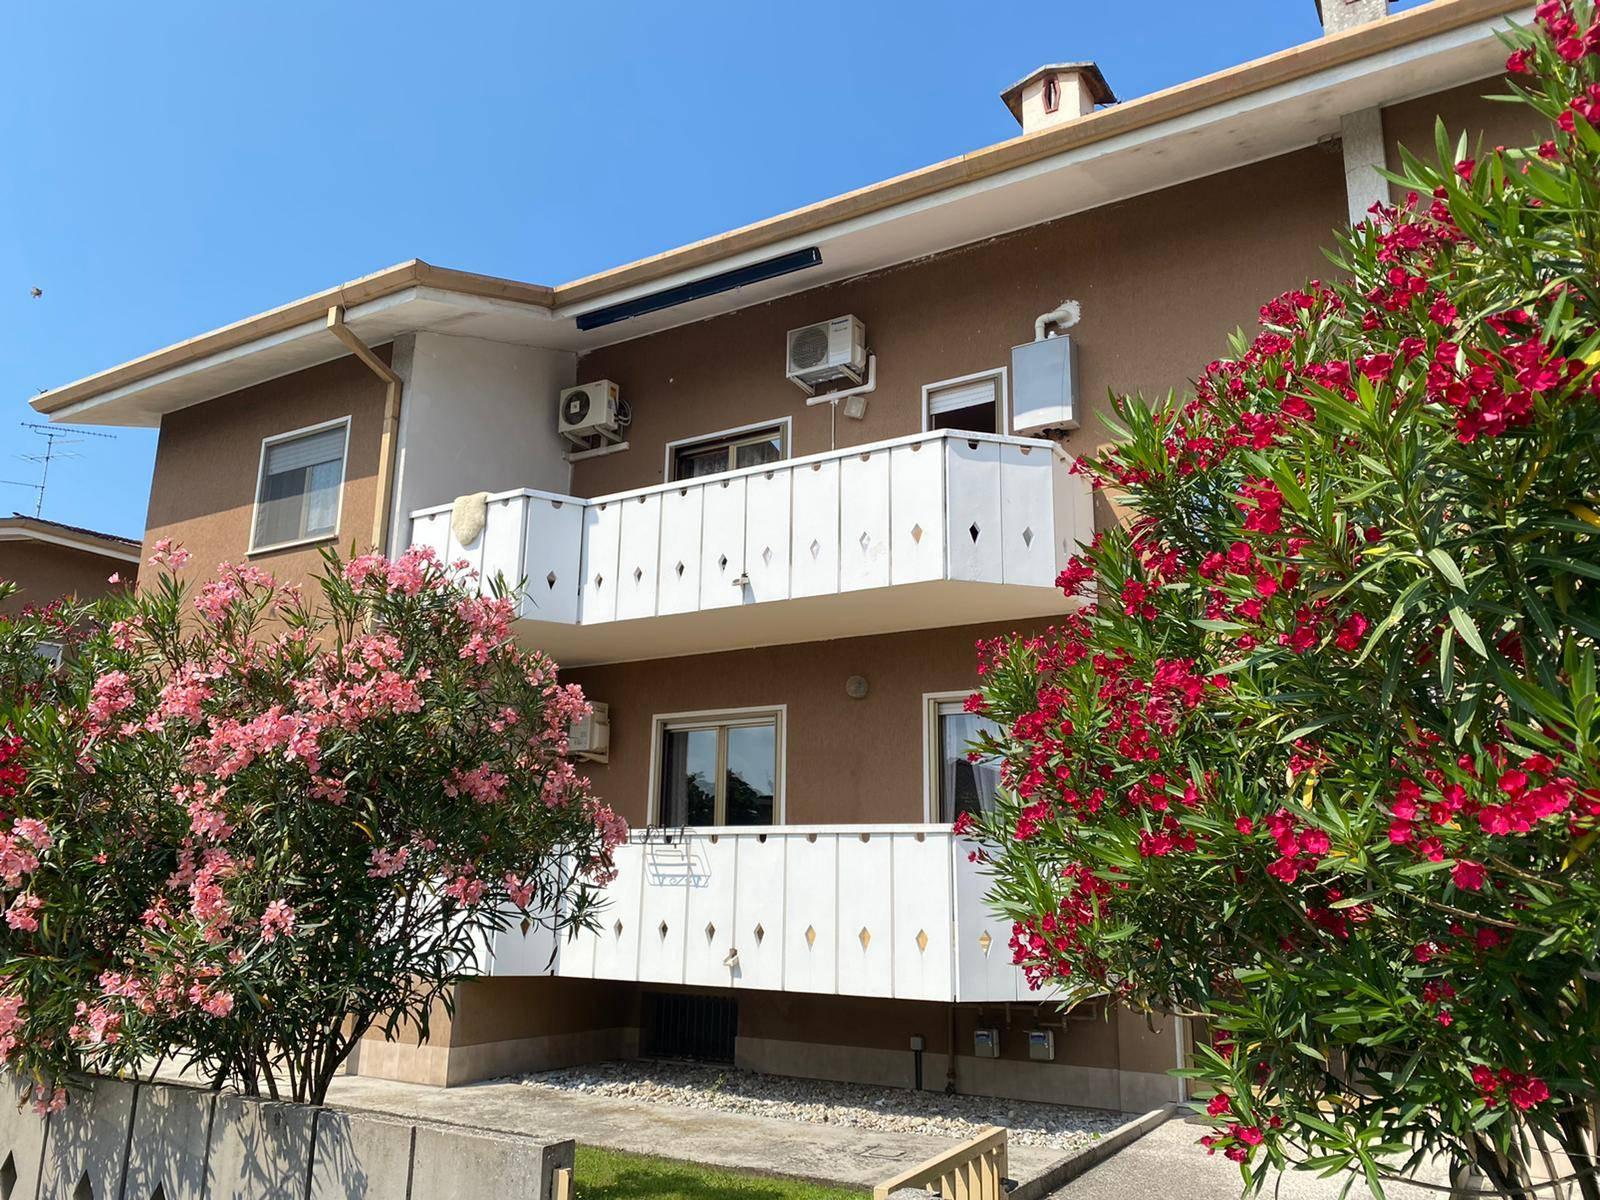 Appartamento in vendita a San Canzian d'Isonzo, 3 locali, zona iano, prezzo € 99.000 | PortaleAgenzieImmobiliari.it